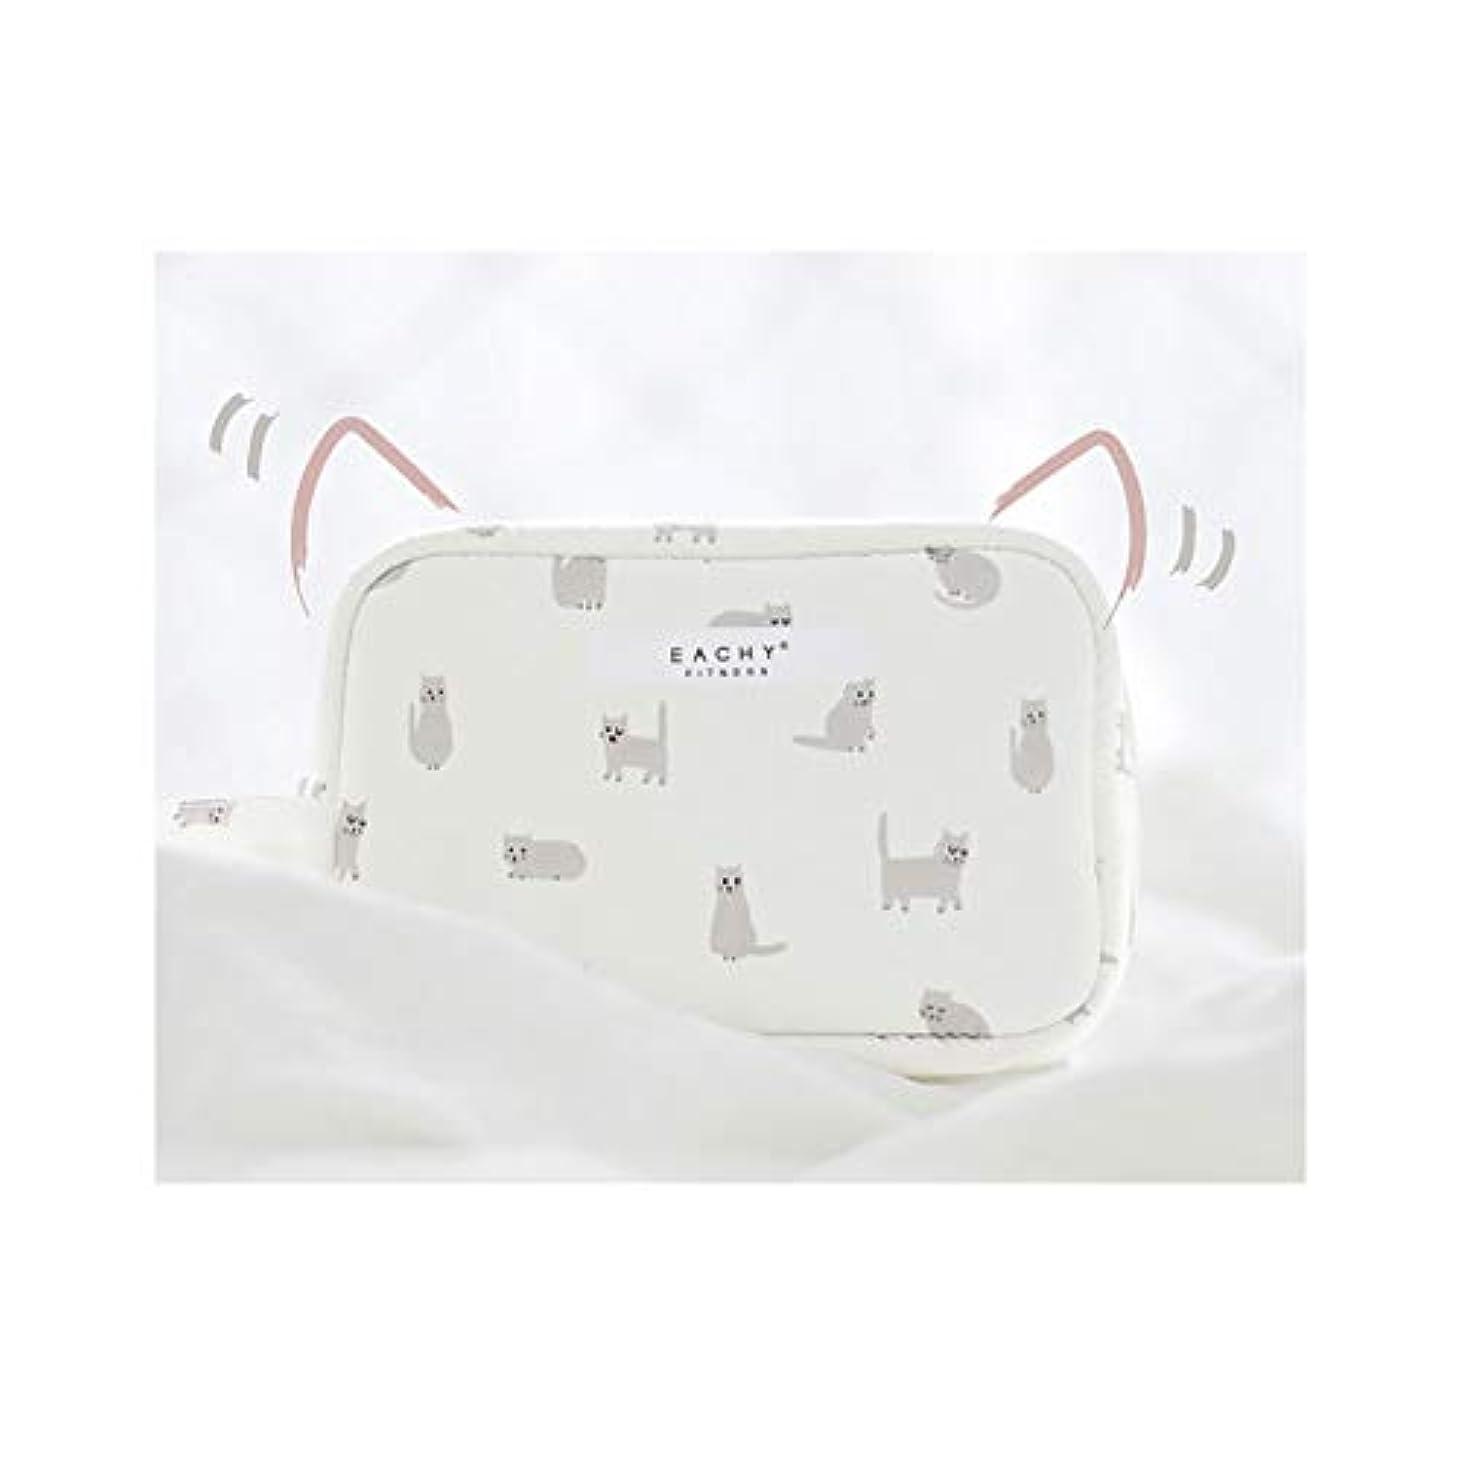 扇動する初期の時期尚早NEOVIVA 化粧ポーチ コスメポーチ メイク収納バッグ かわいい 軽量 防水 旅行小物ポーチ 猫 ホワイト S